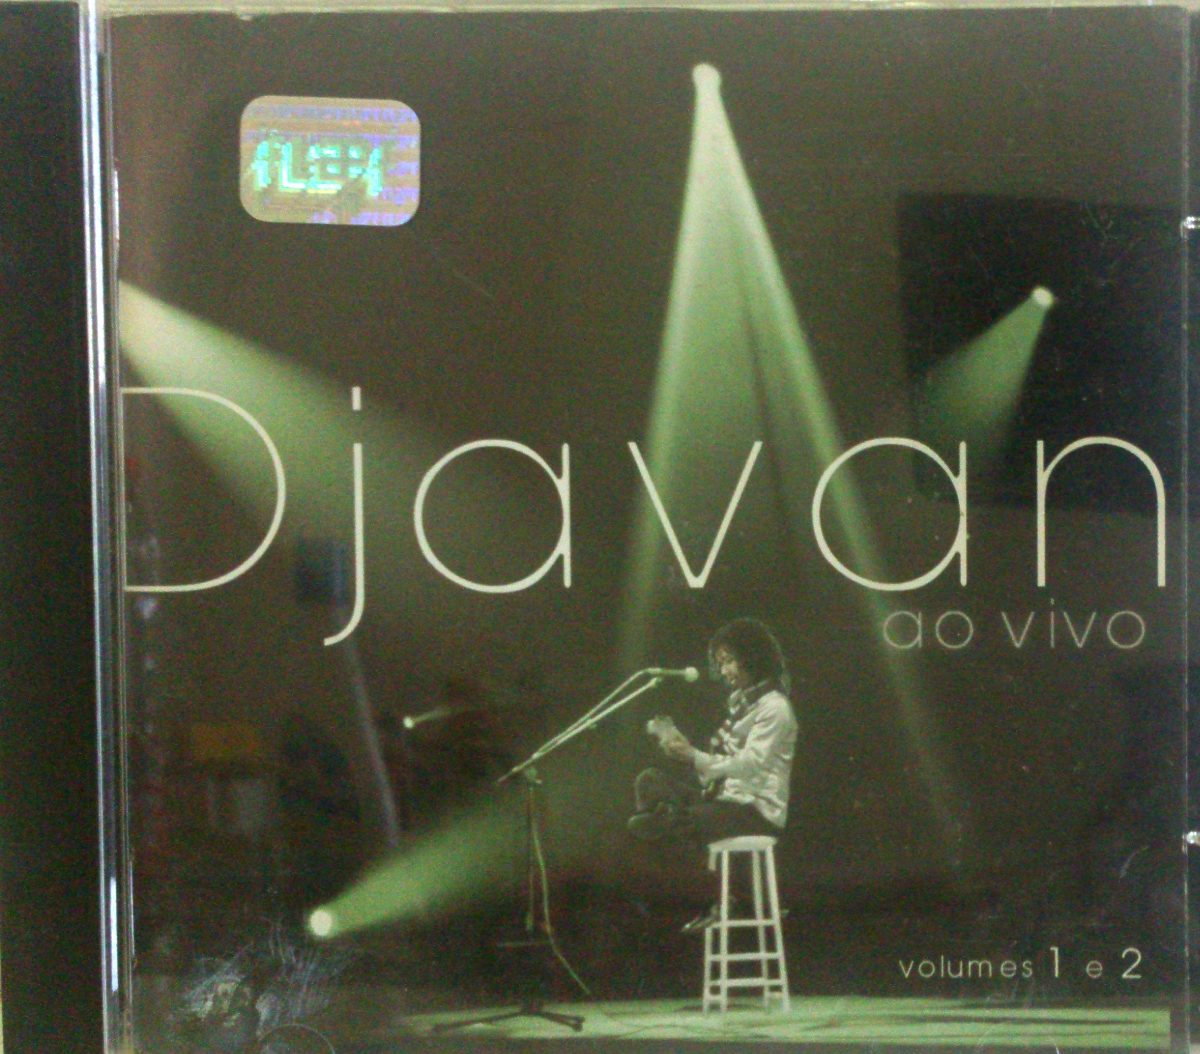 cd djavan ao vivo gratis